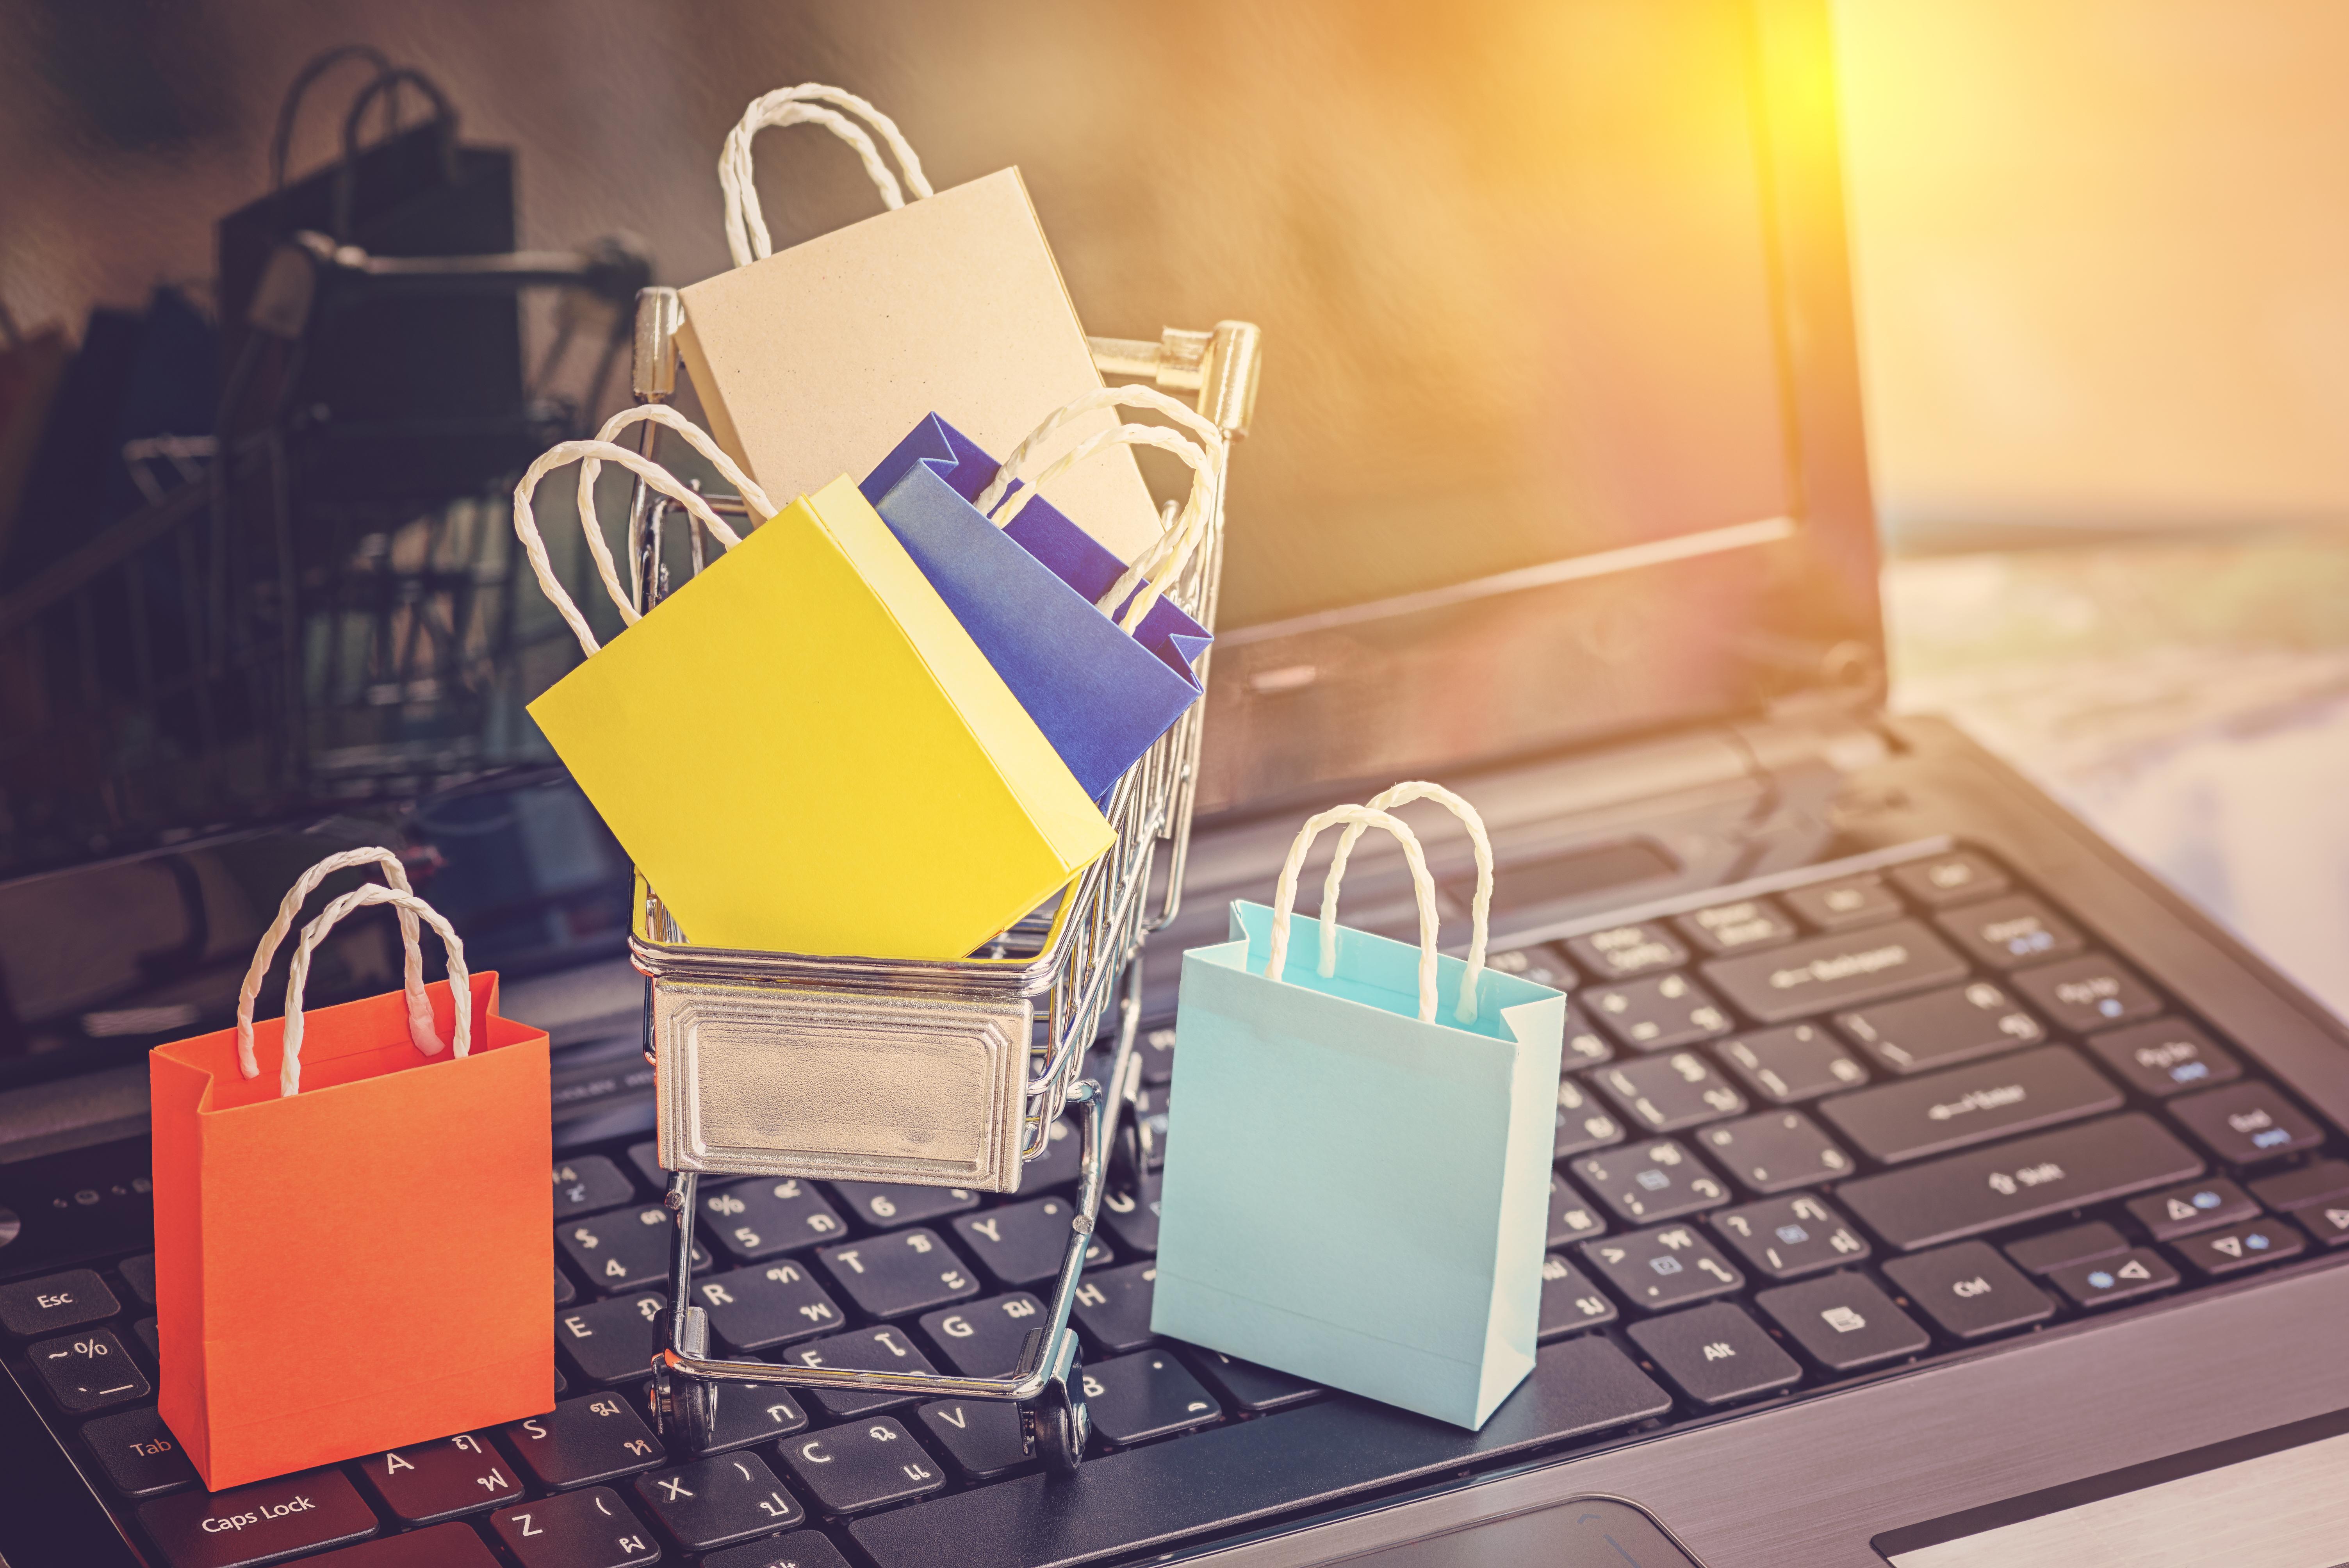 [E-commerce] Aller au-delà de Google Shopping